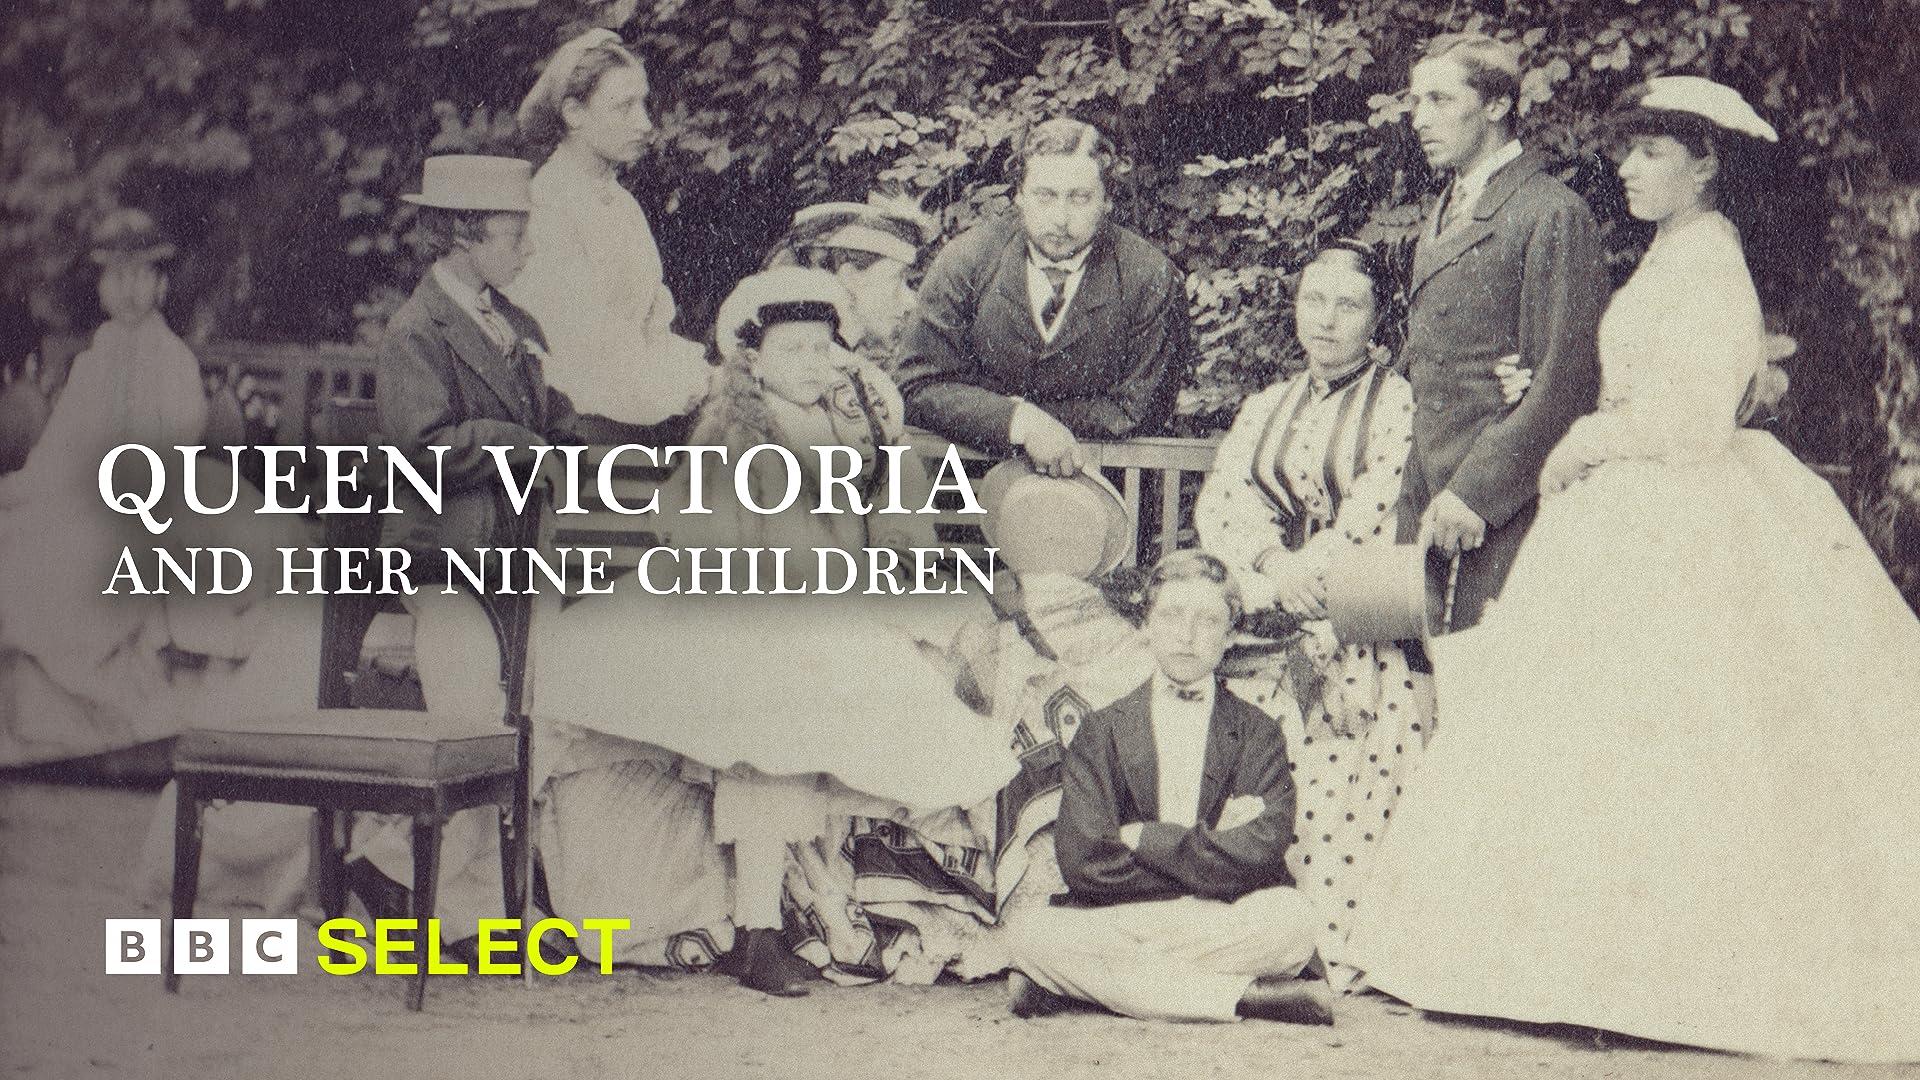 Queen Victoria and Her Nine Children